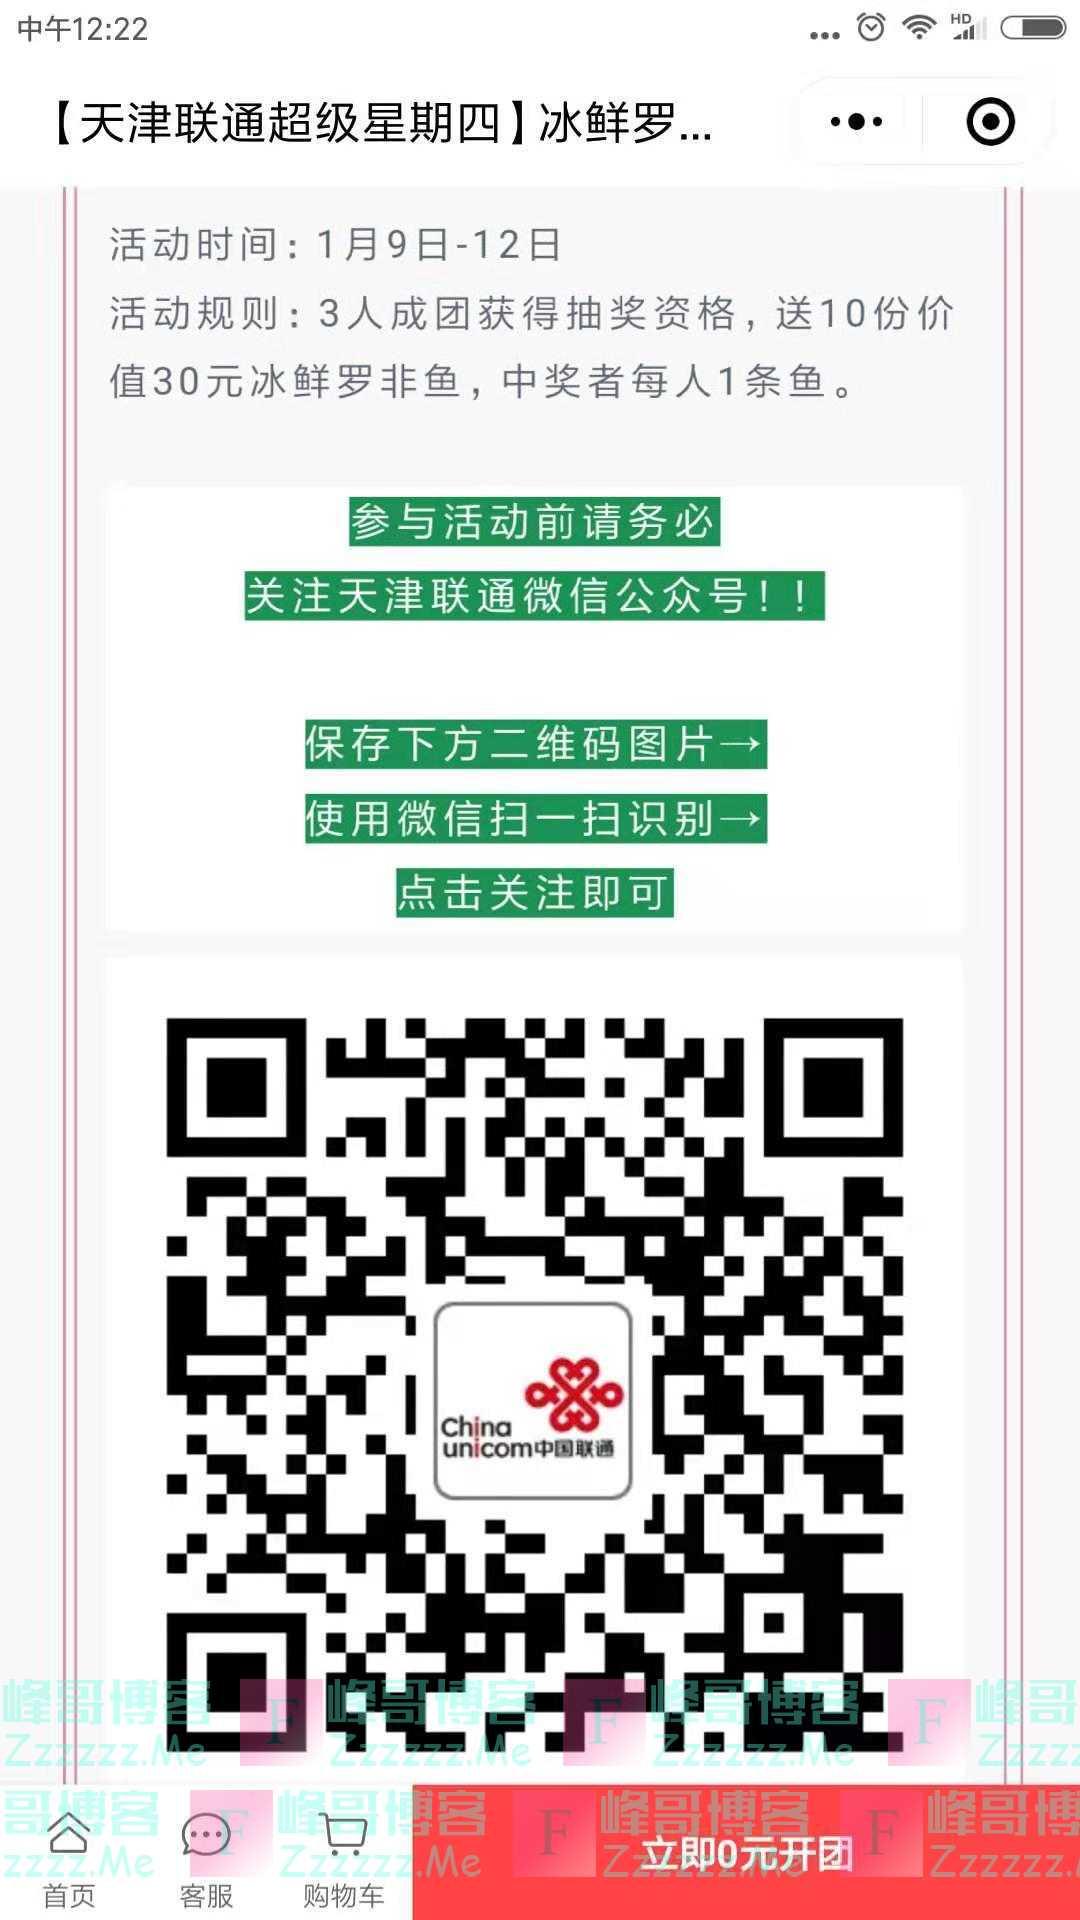 天津联通超级星期四拼团(截止1月12日)